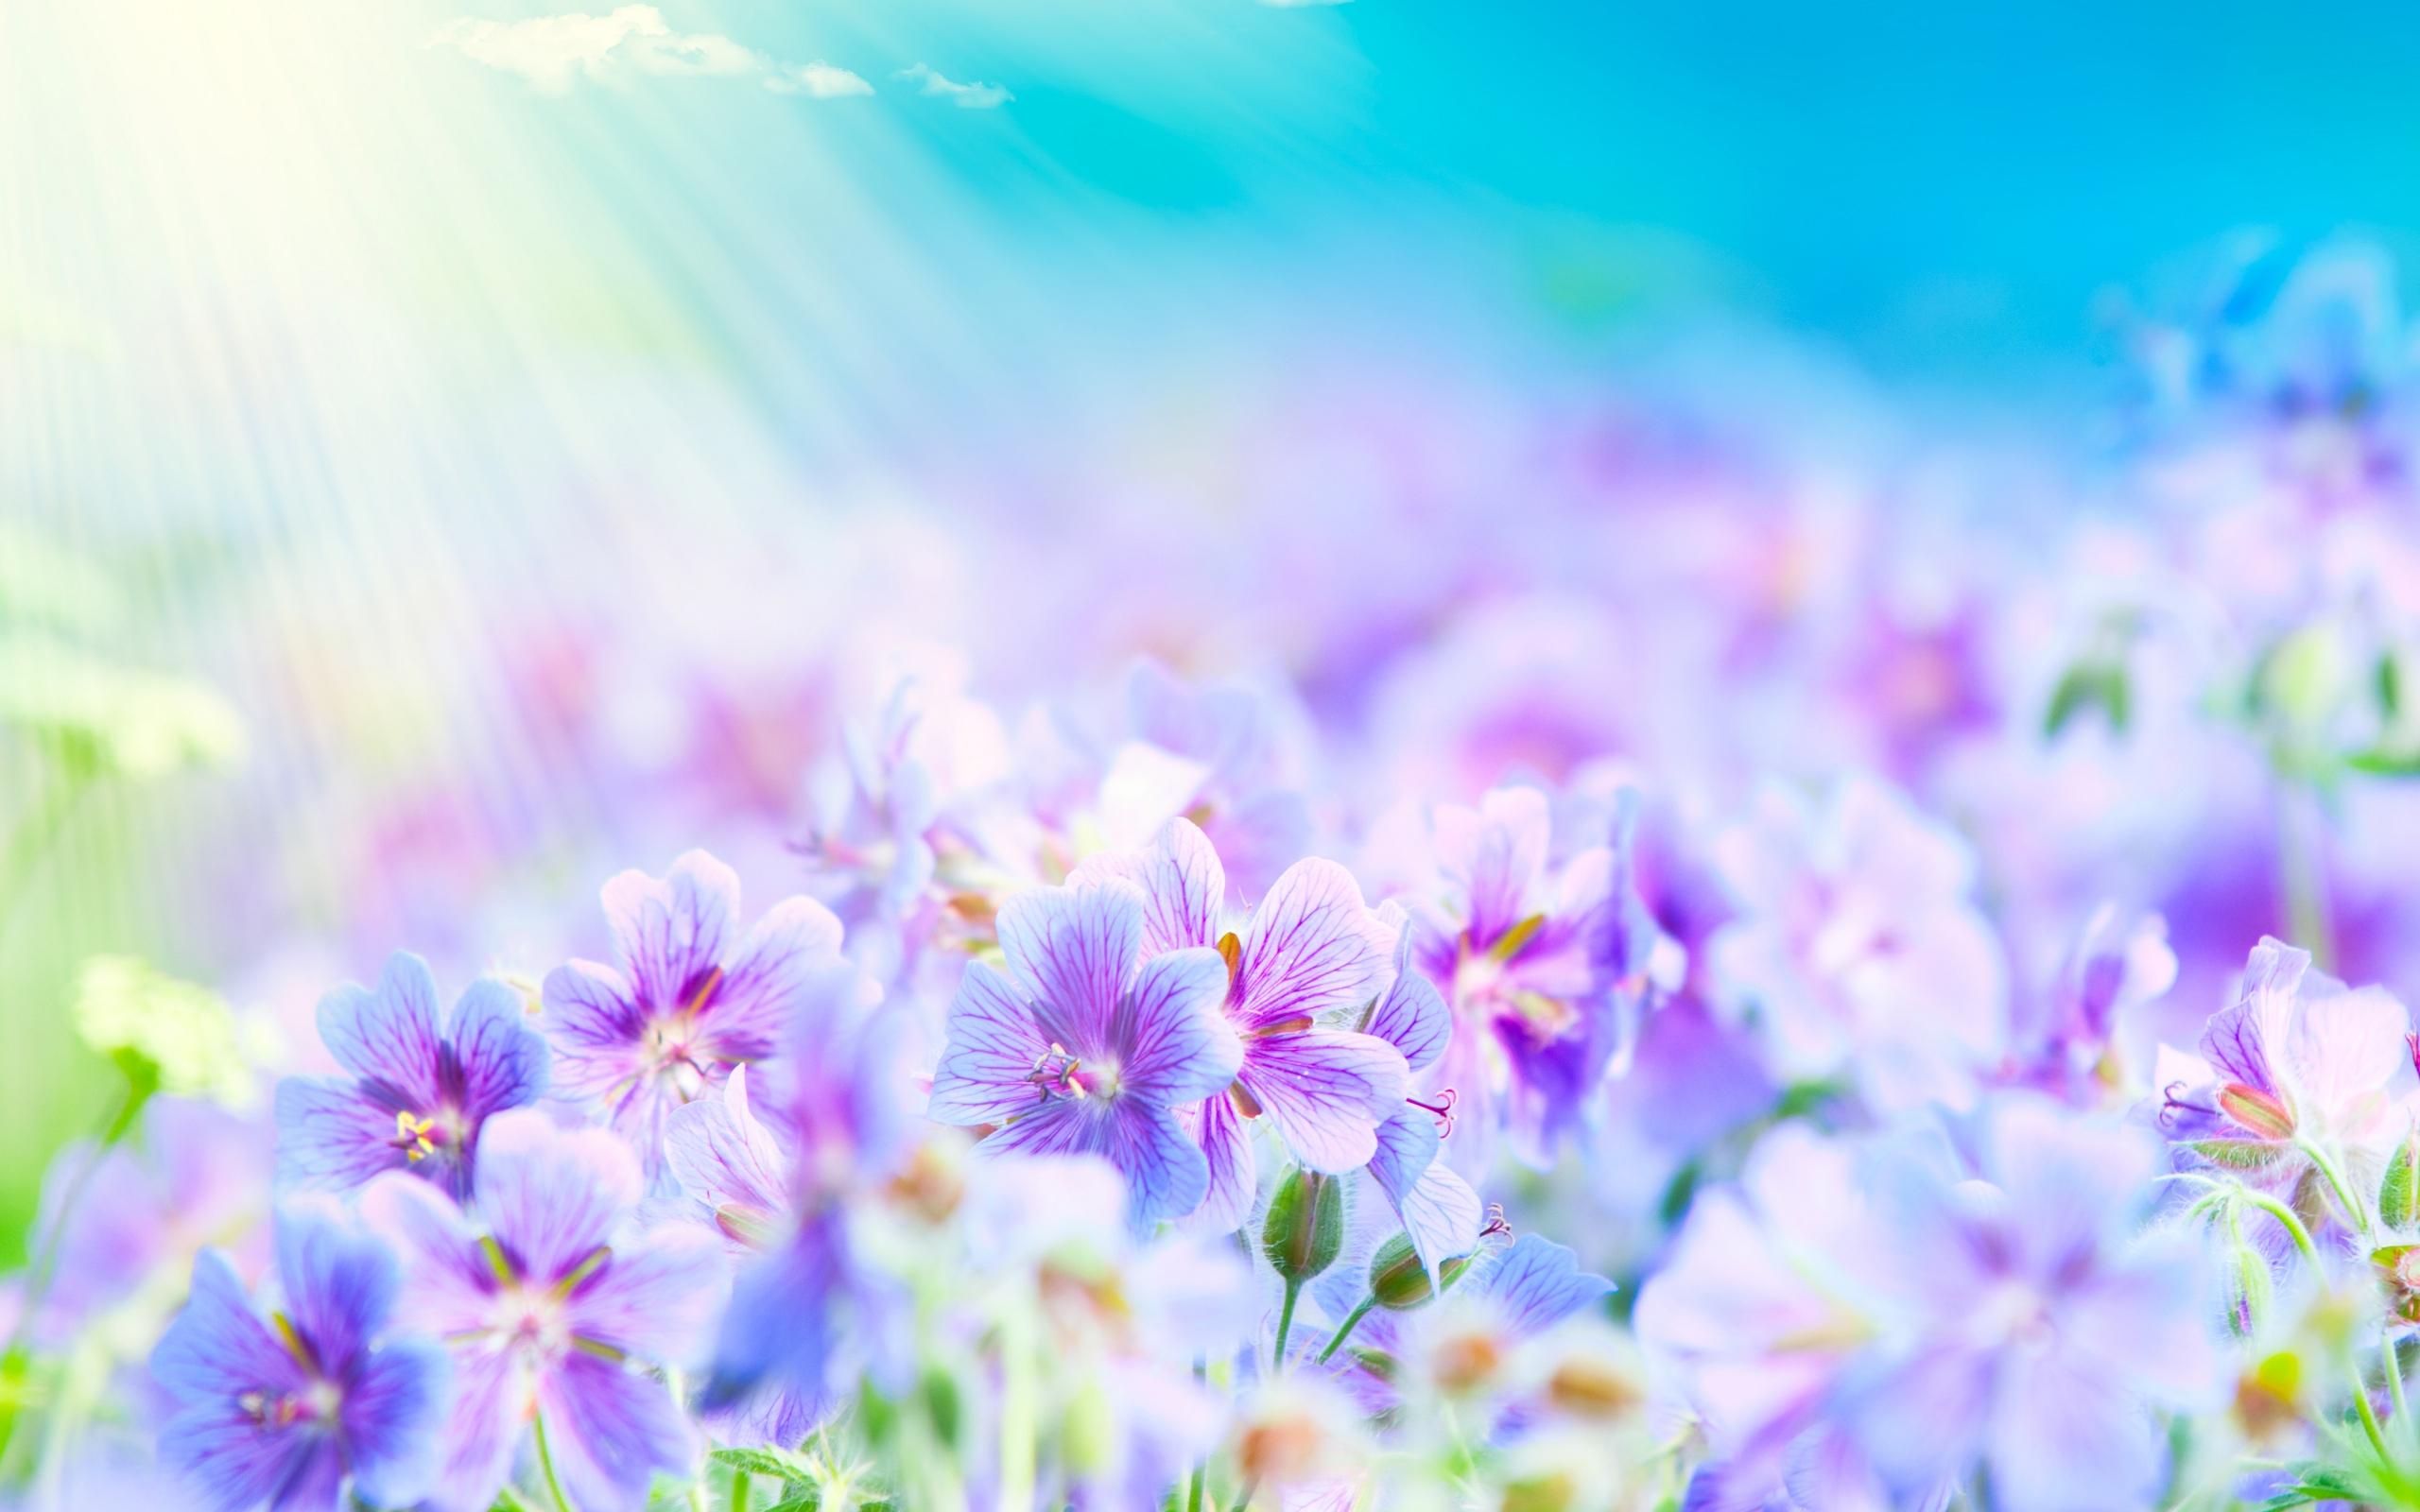 2560x1600 Summer Flowers Desktop Pc And Mac Wallpaper